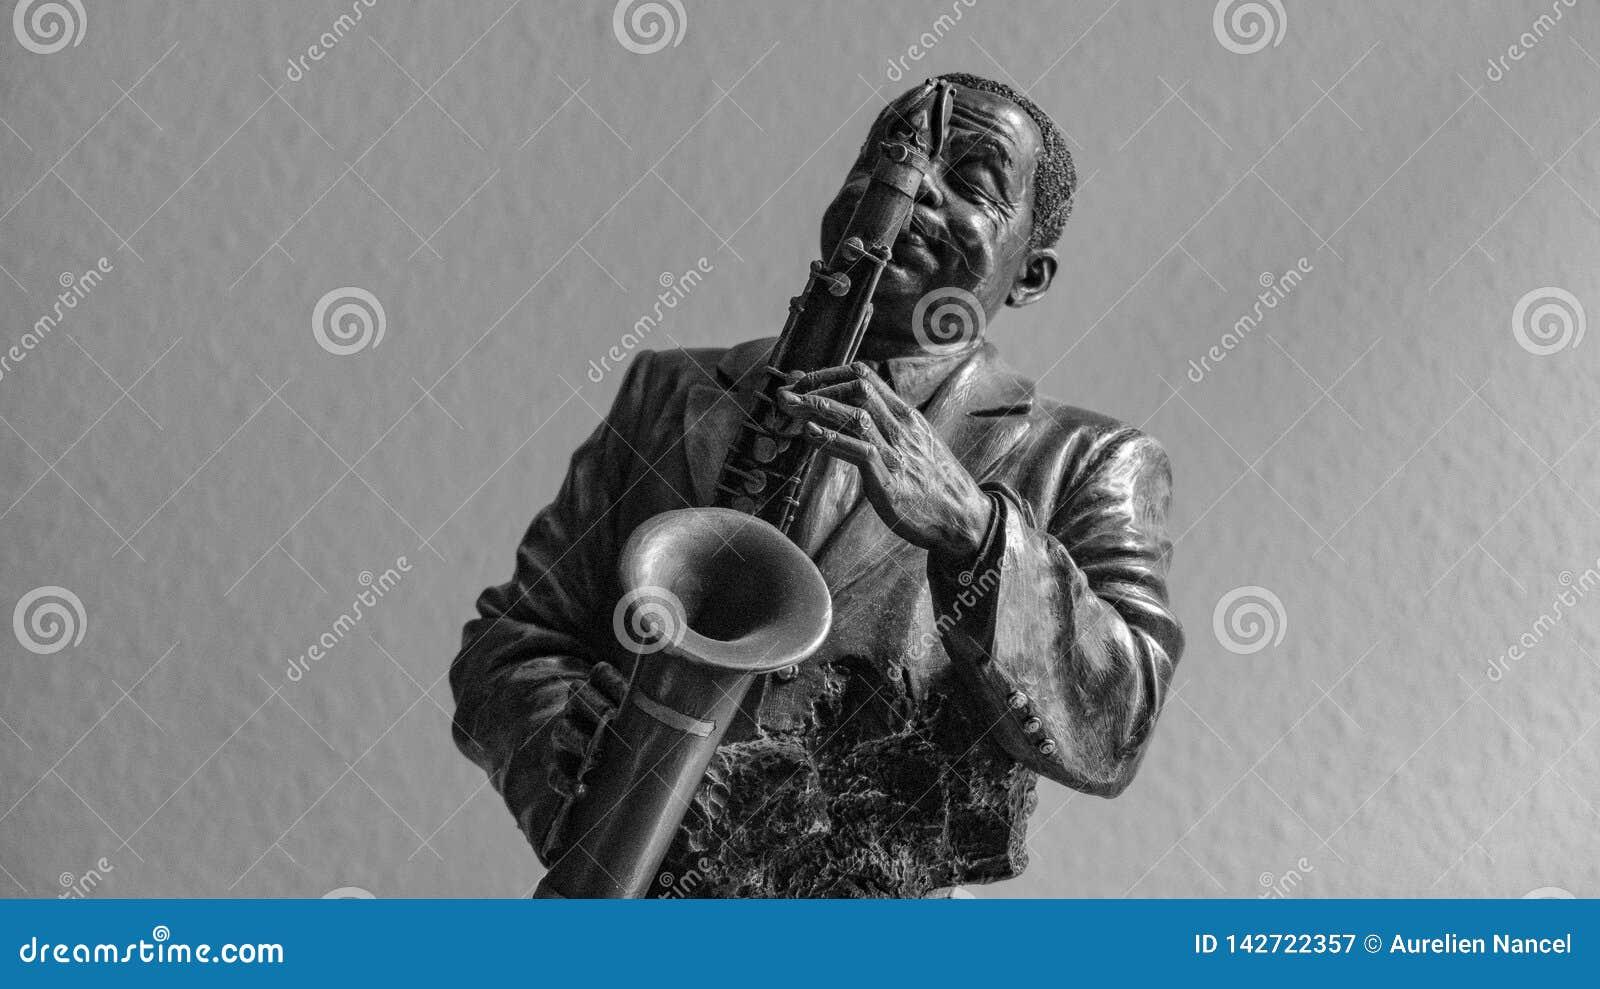 Бронзовая статуэтка человека который играет саксофон